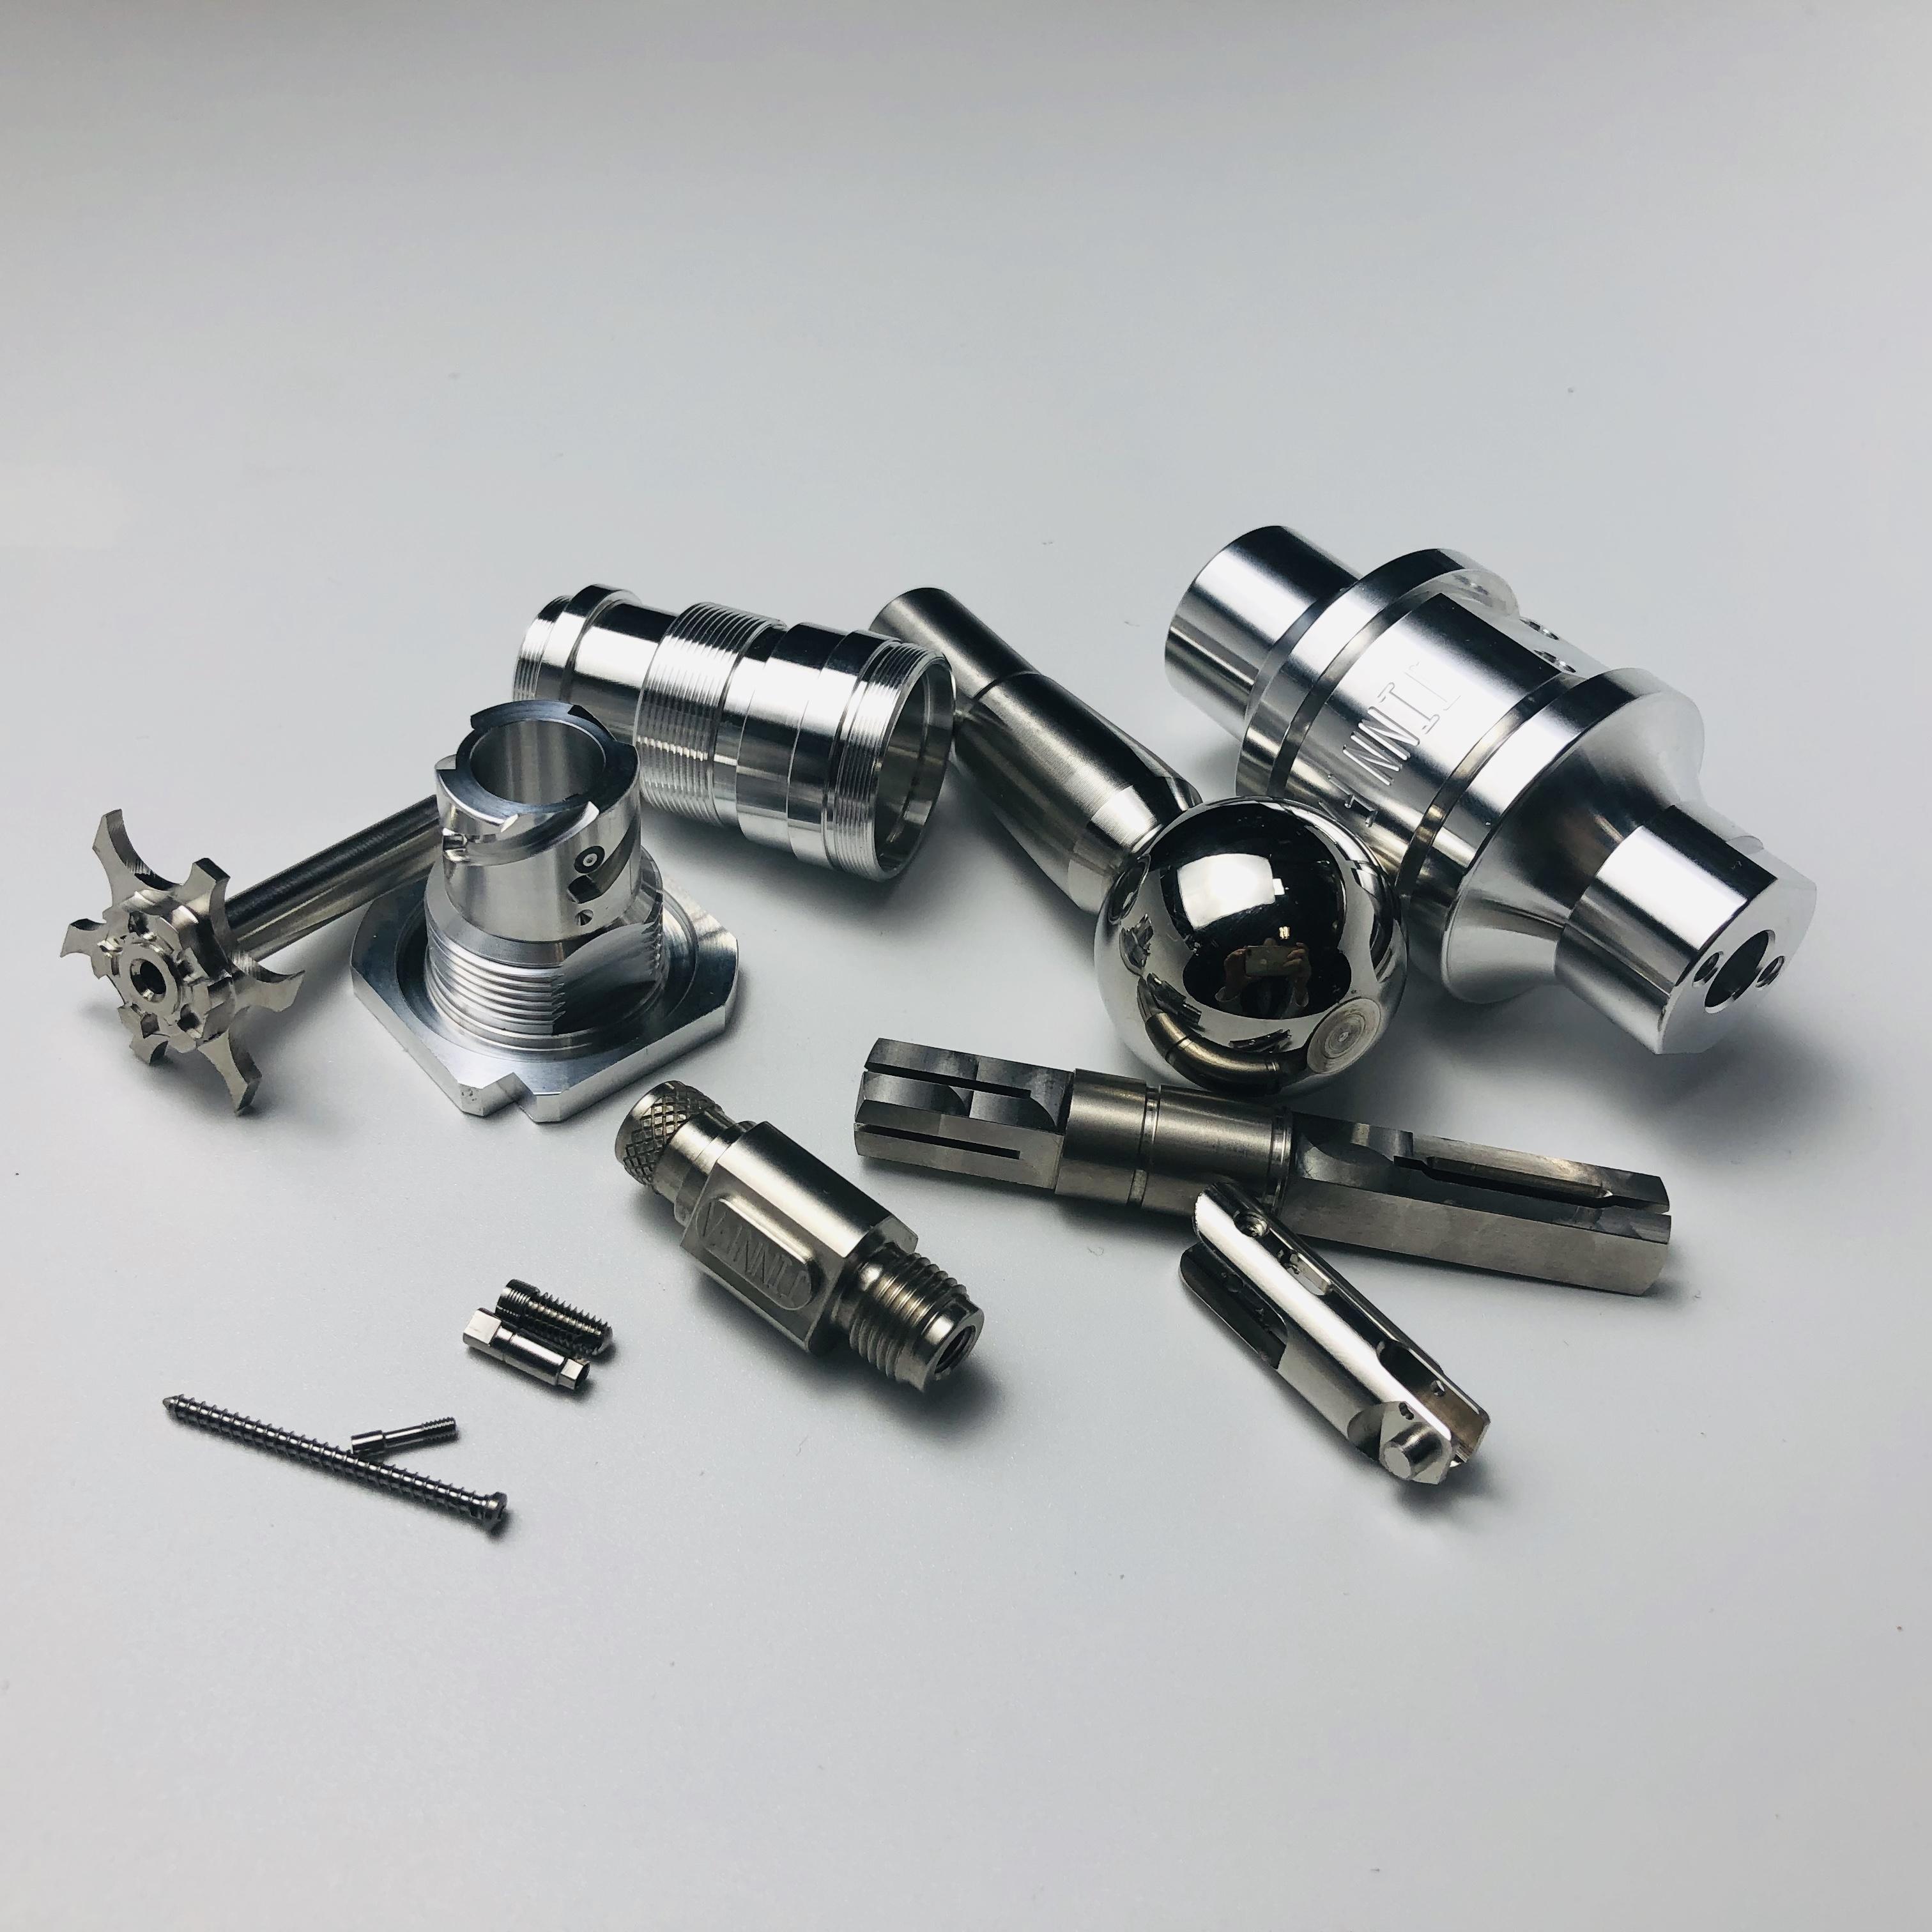 微型车床加工订做加工其他机械五金新加工不锈钢精密零件来图加工